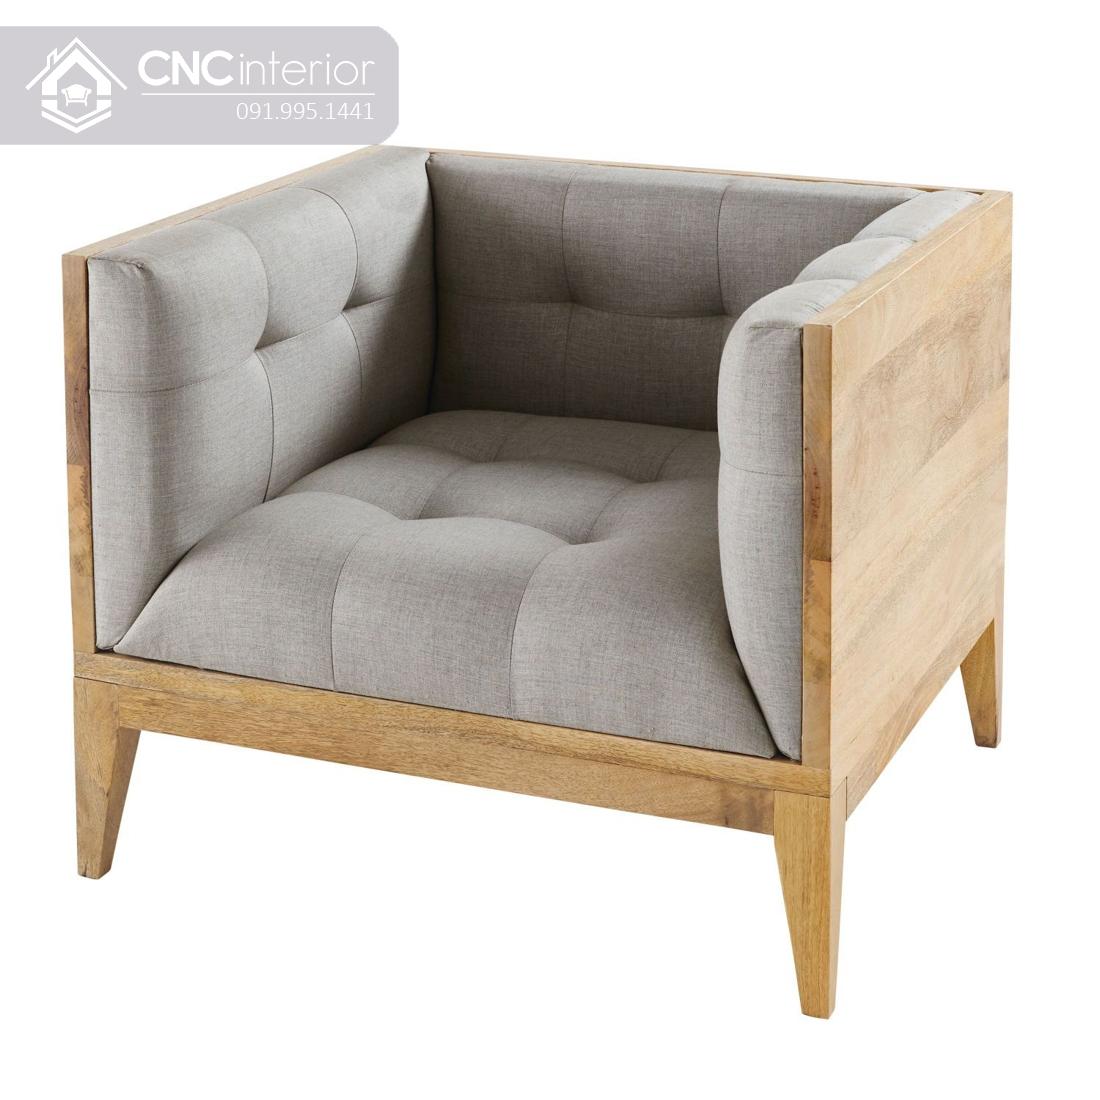 mẫu ghế sofa đơn giản hiện đại 6